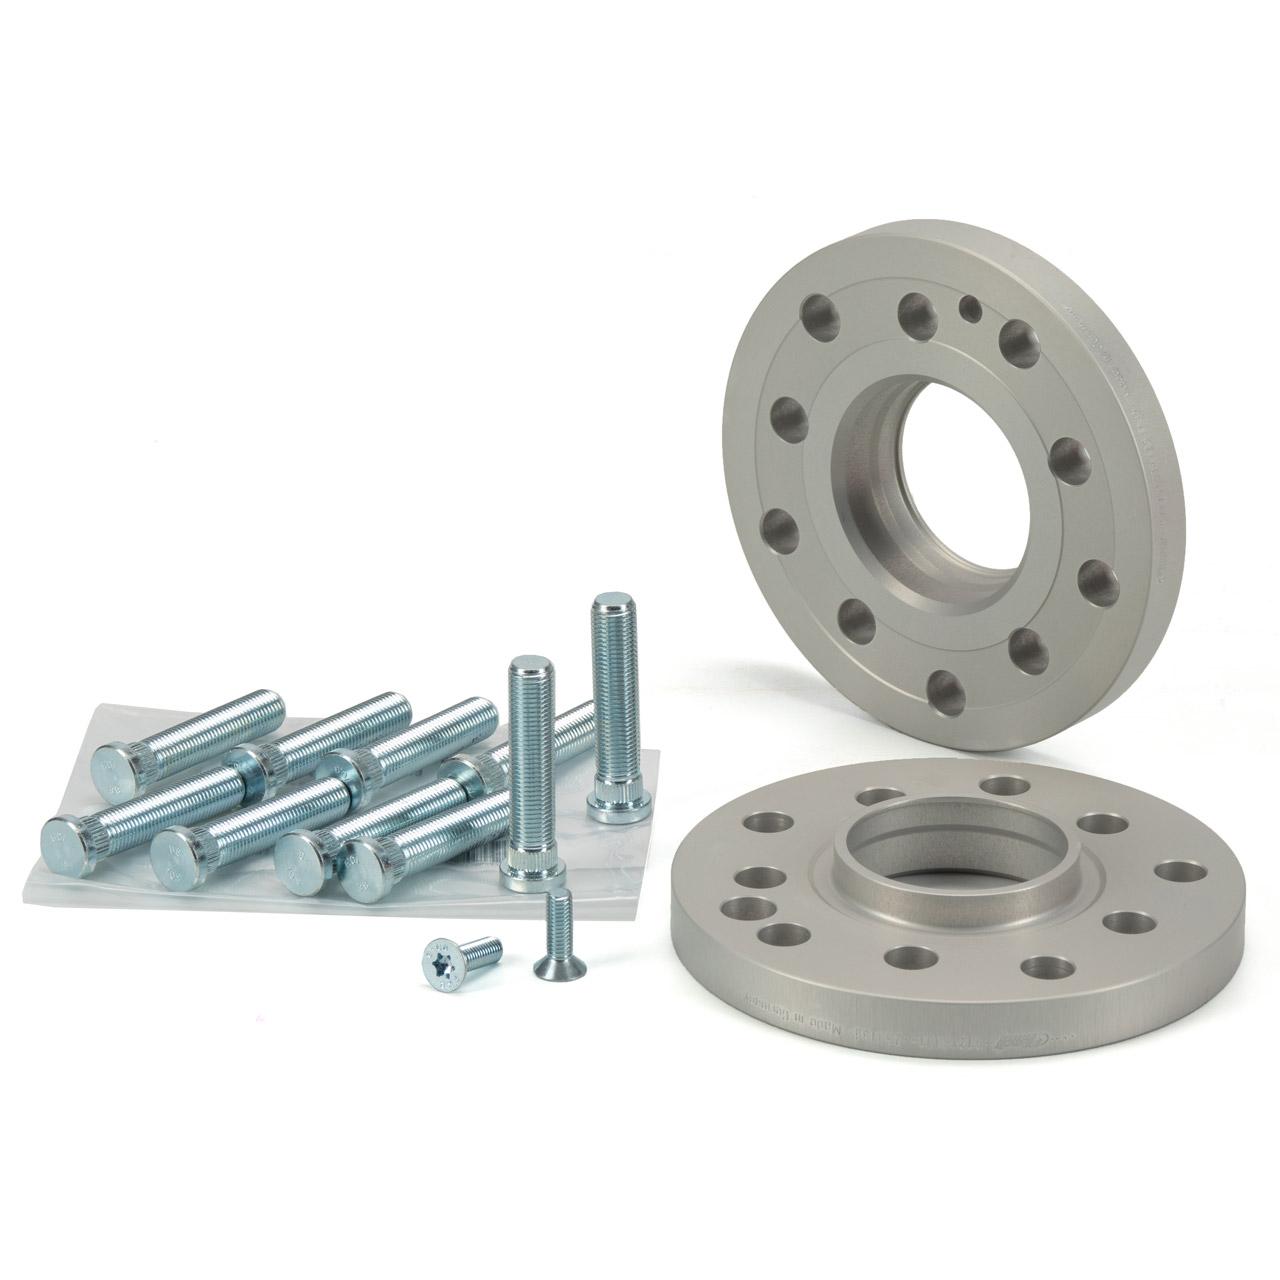 EIBACH S90-6-18-001 PRO SPACER 36mm Spurverbreiterung PORSCHE 911 964 993 928 944 959 968